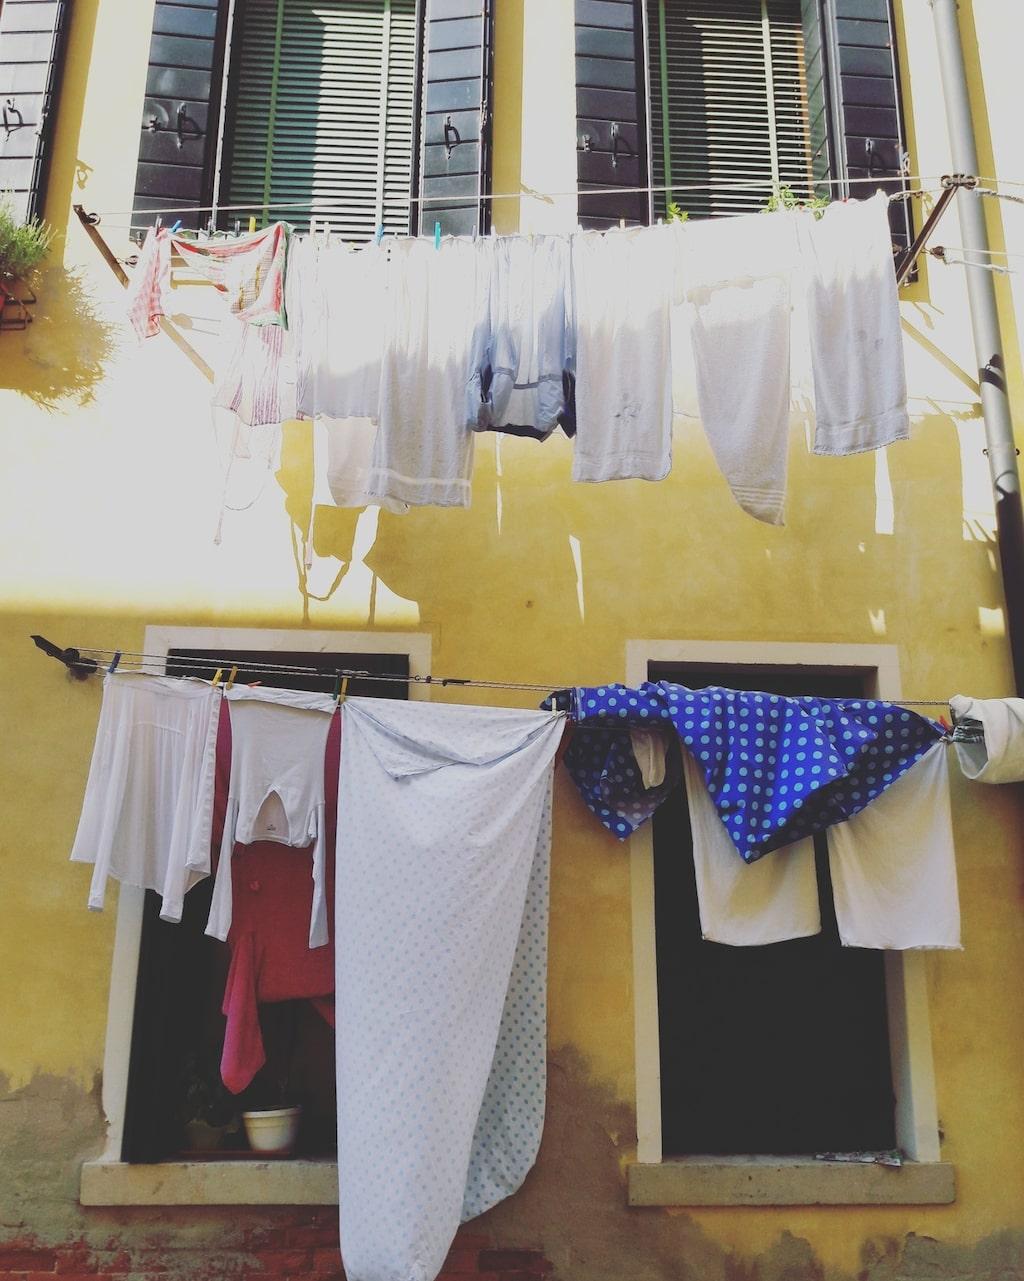 Gör som utomlands, torka tvätten utomhus så ofta du kan.